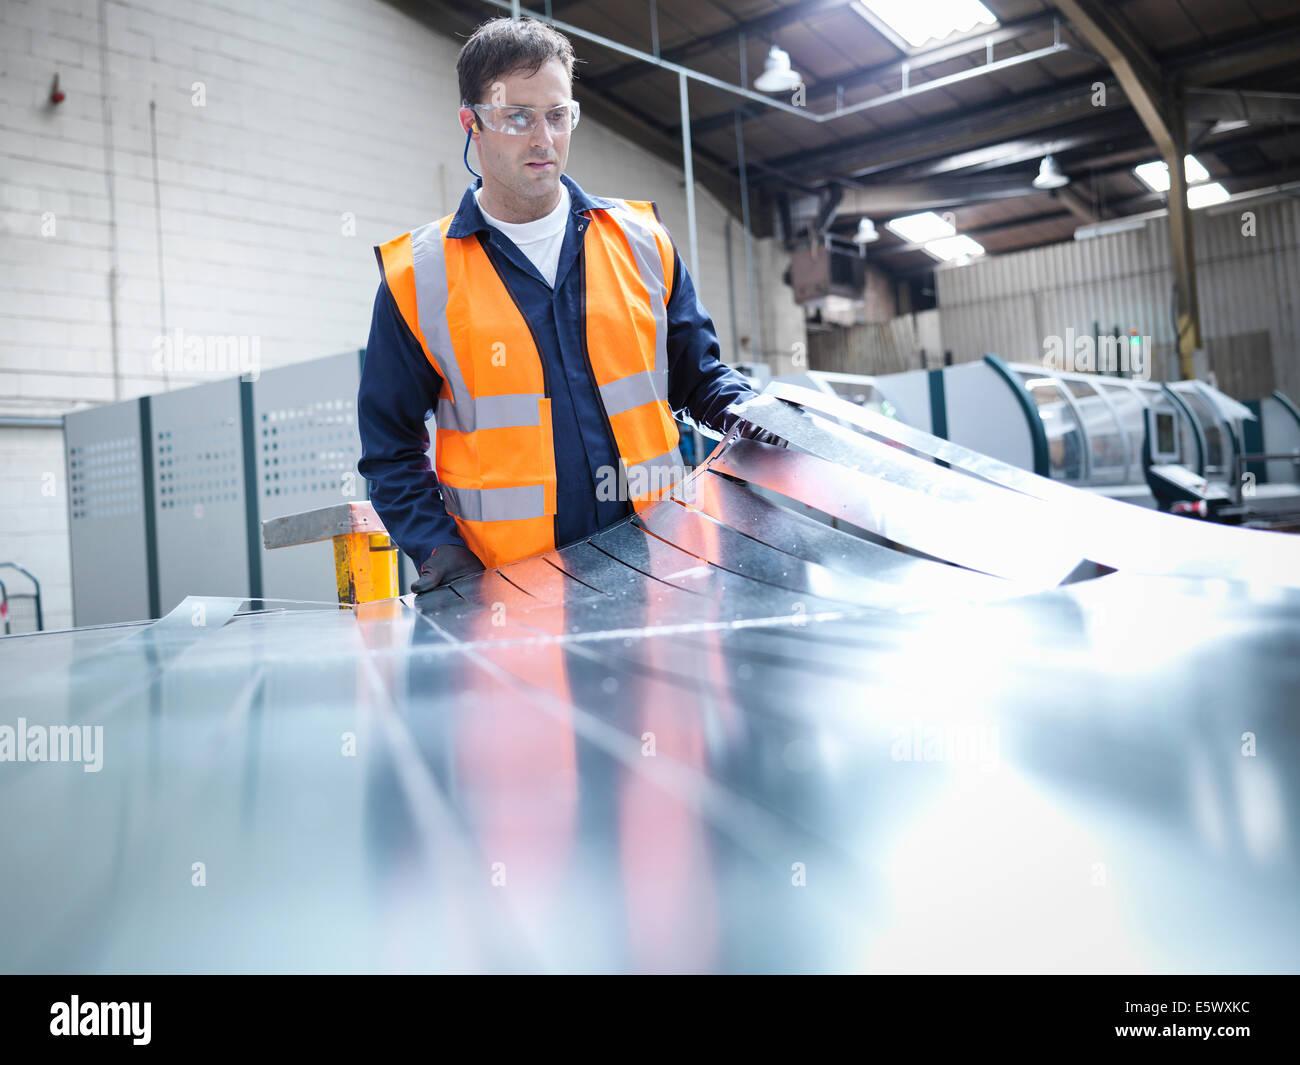 Arbeiter, die Inspektion neu geschnittenen Teile in Blech-Fabrik Stockbild